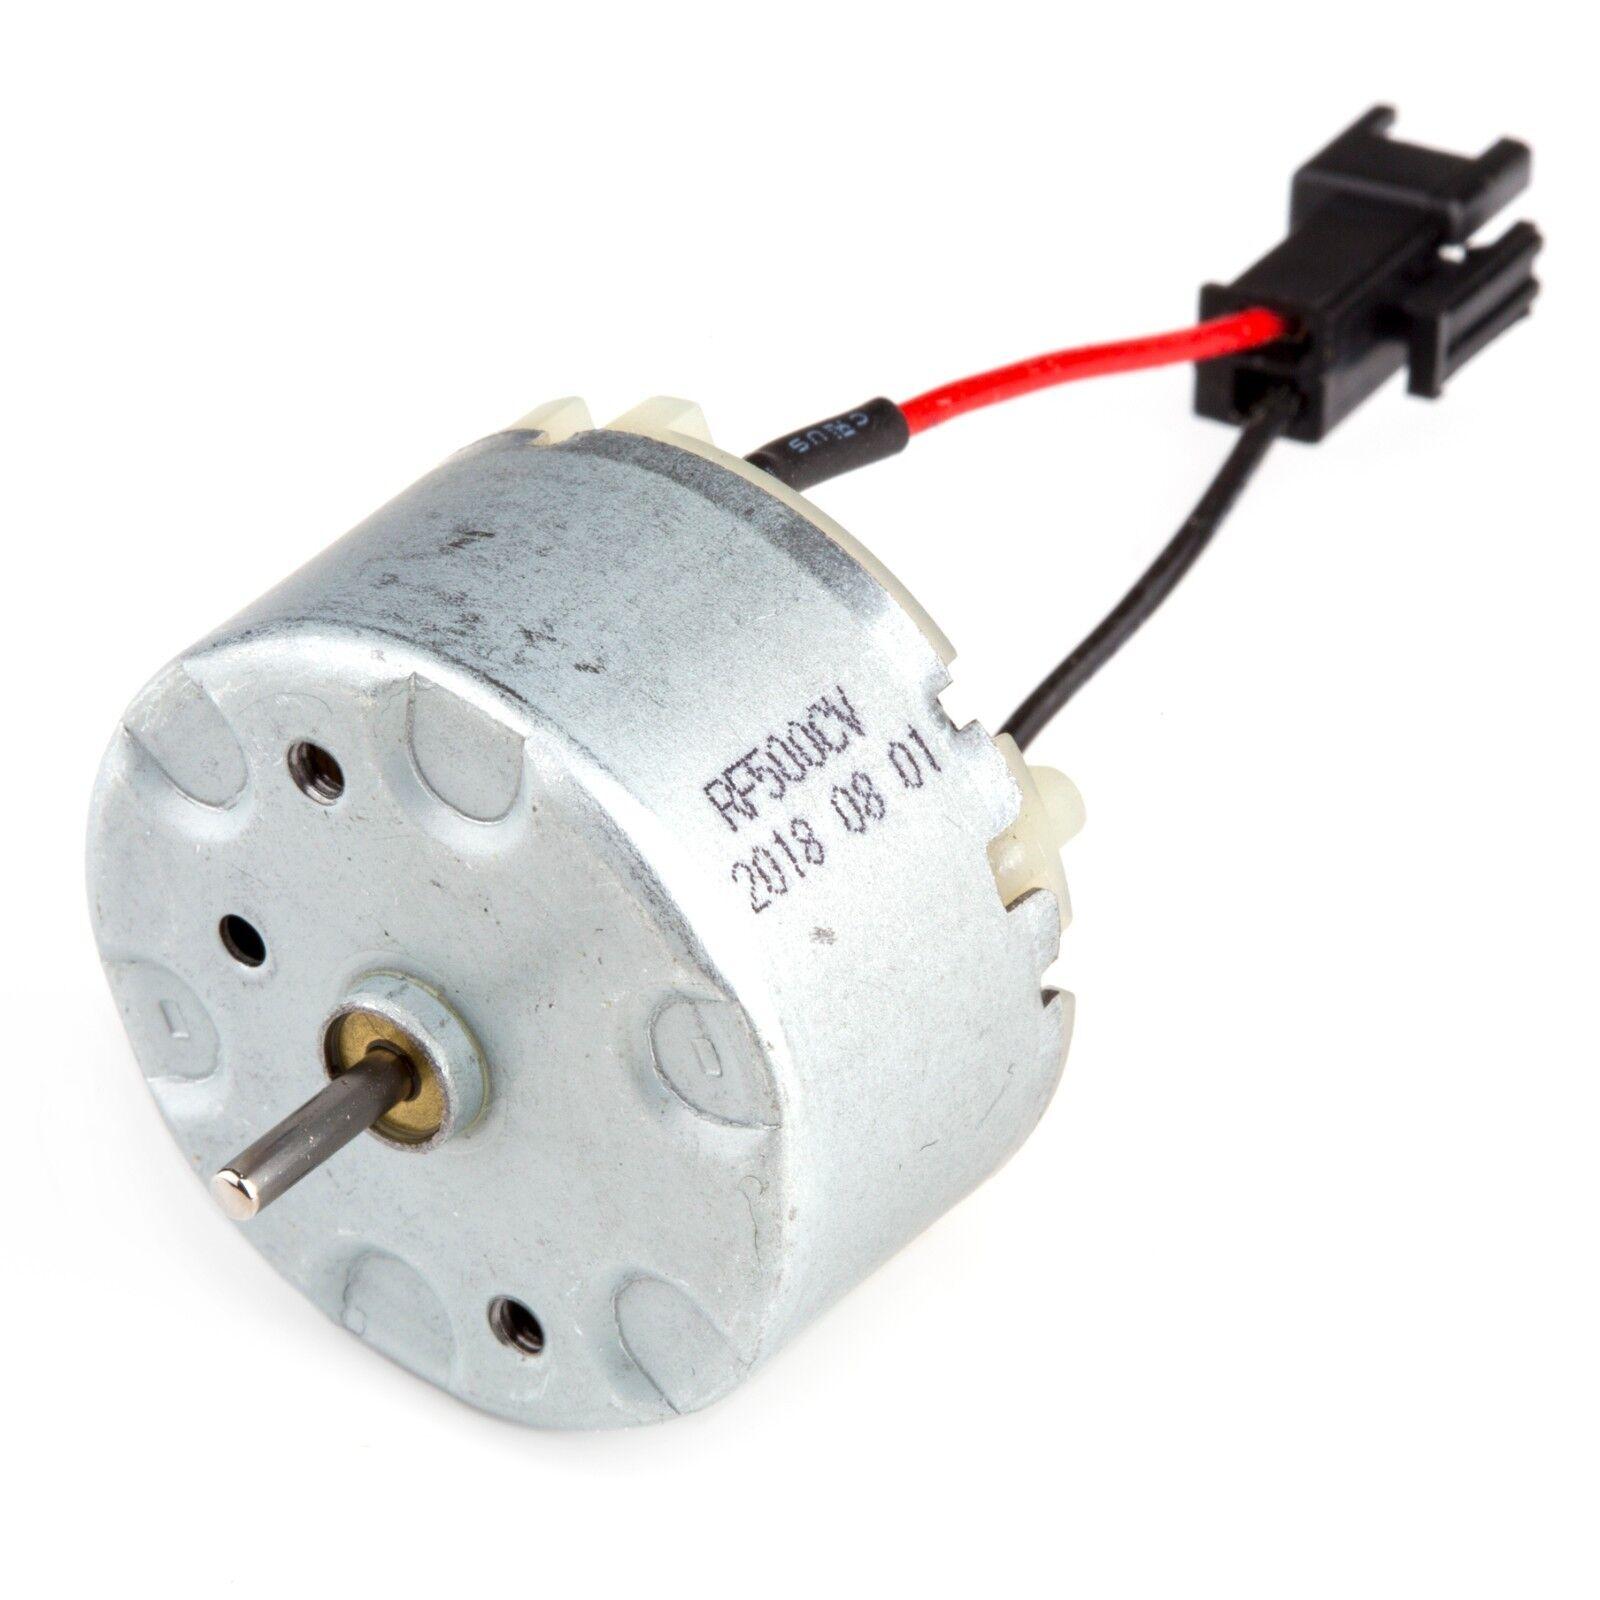 Anillo de junta sello para tubo escape C40226 compatible con 6789153 7398780 AERZETIX